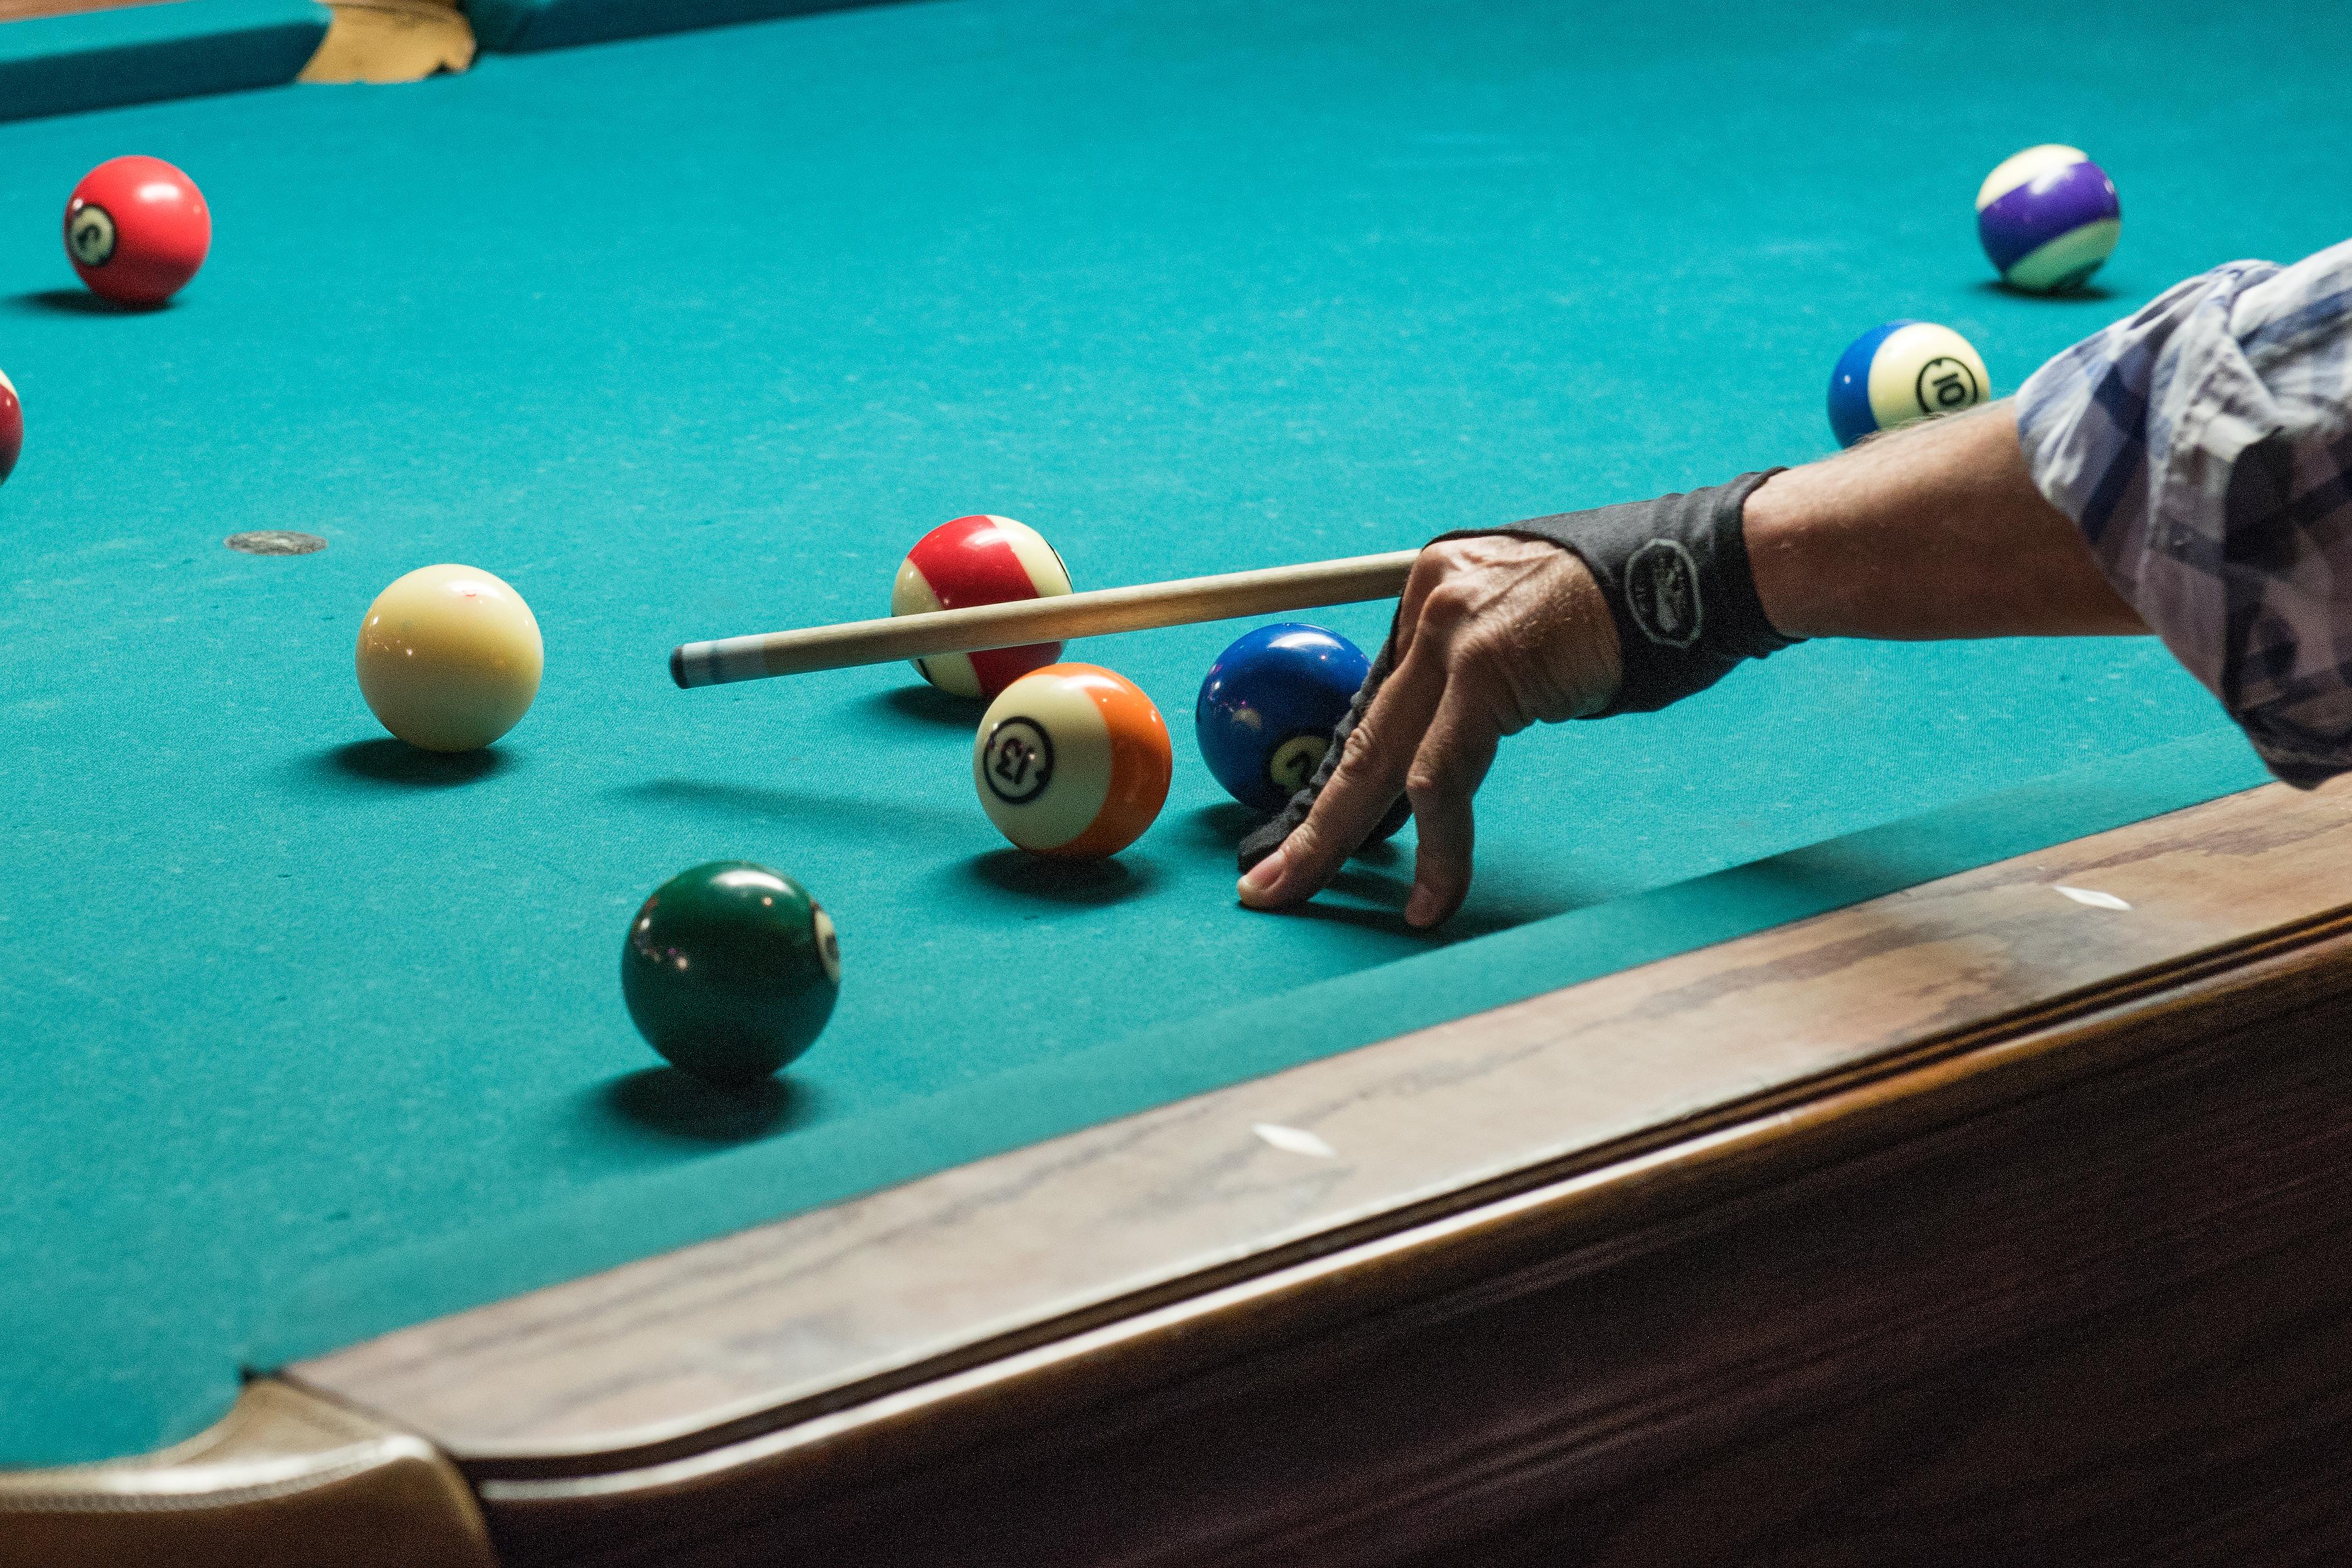 Pool Leagues - Buffalo Billiards Pool Hall, Petaluma, CA